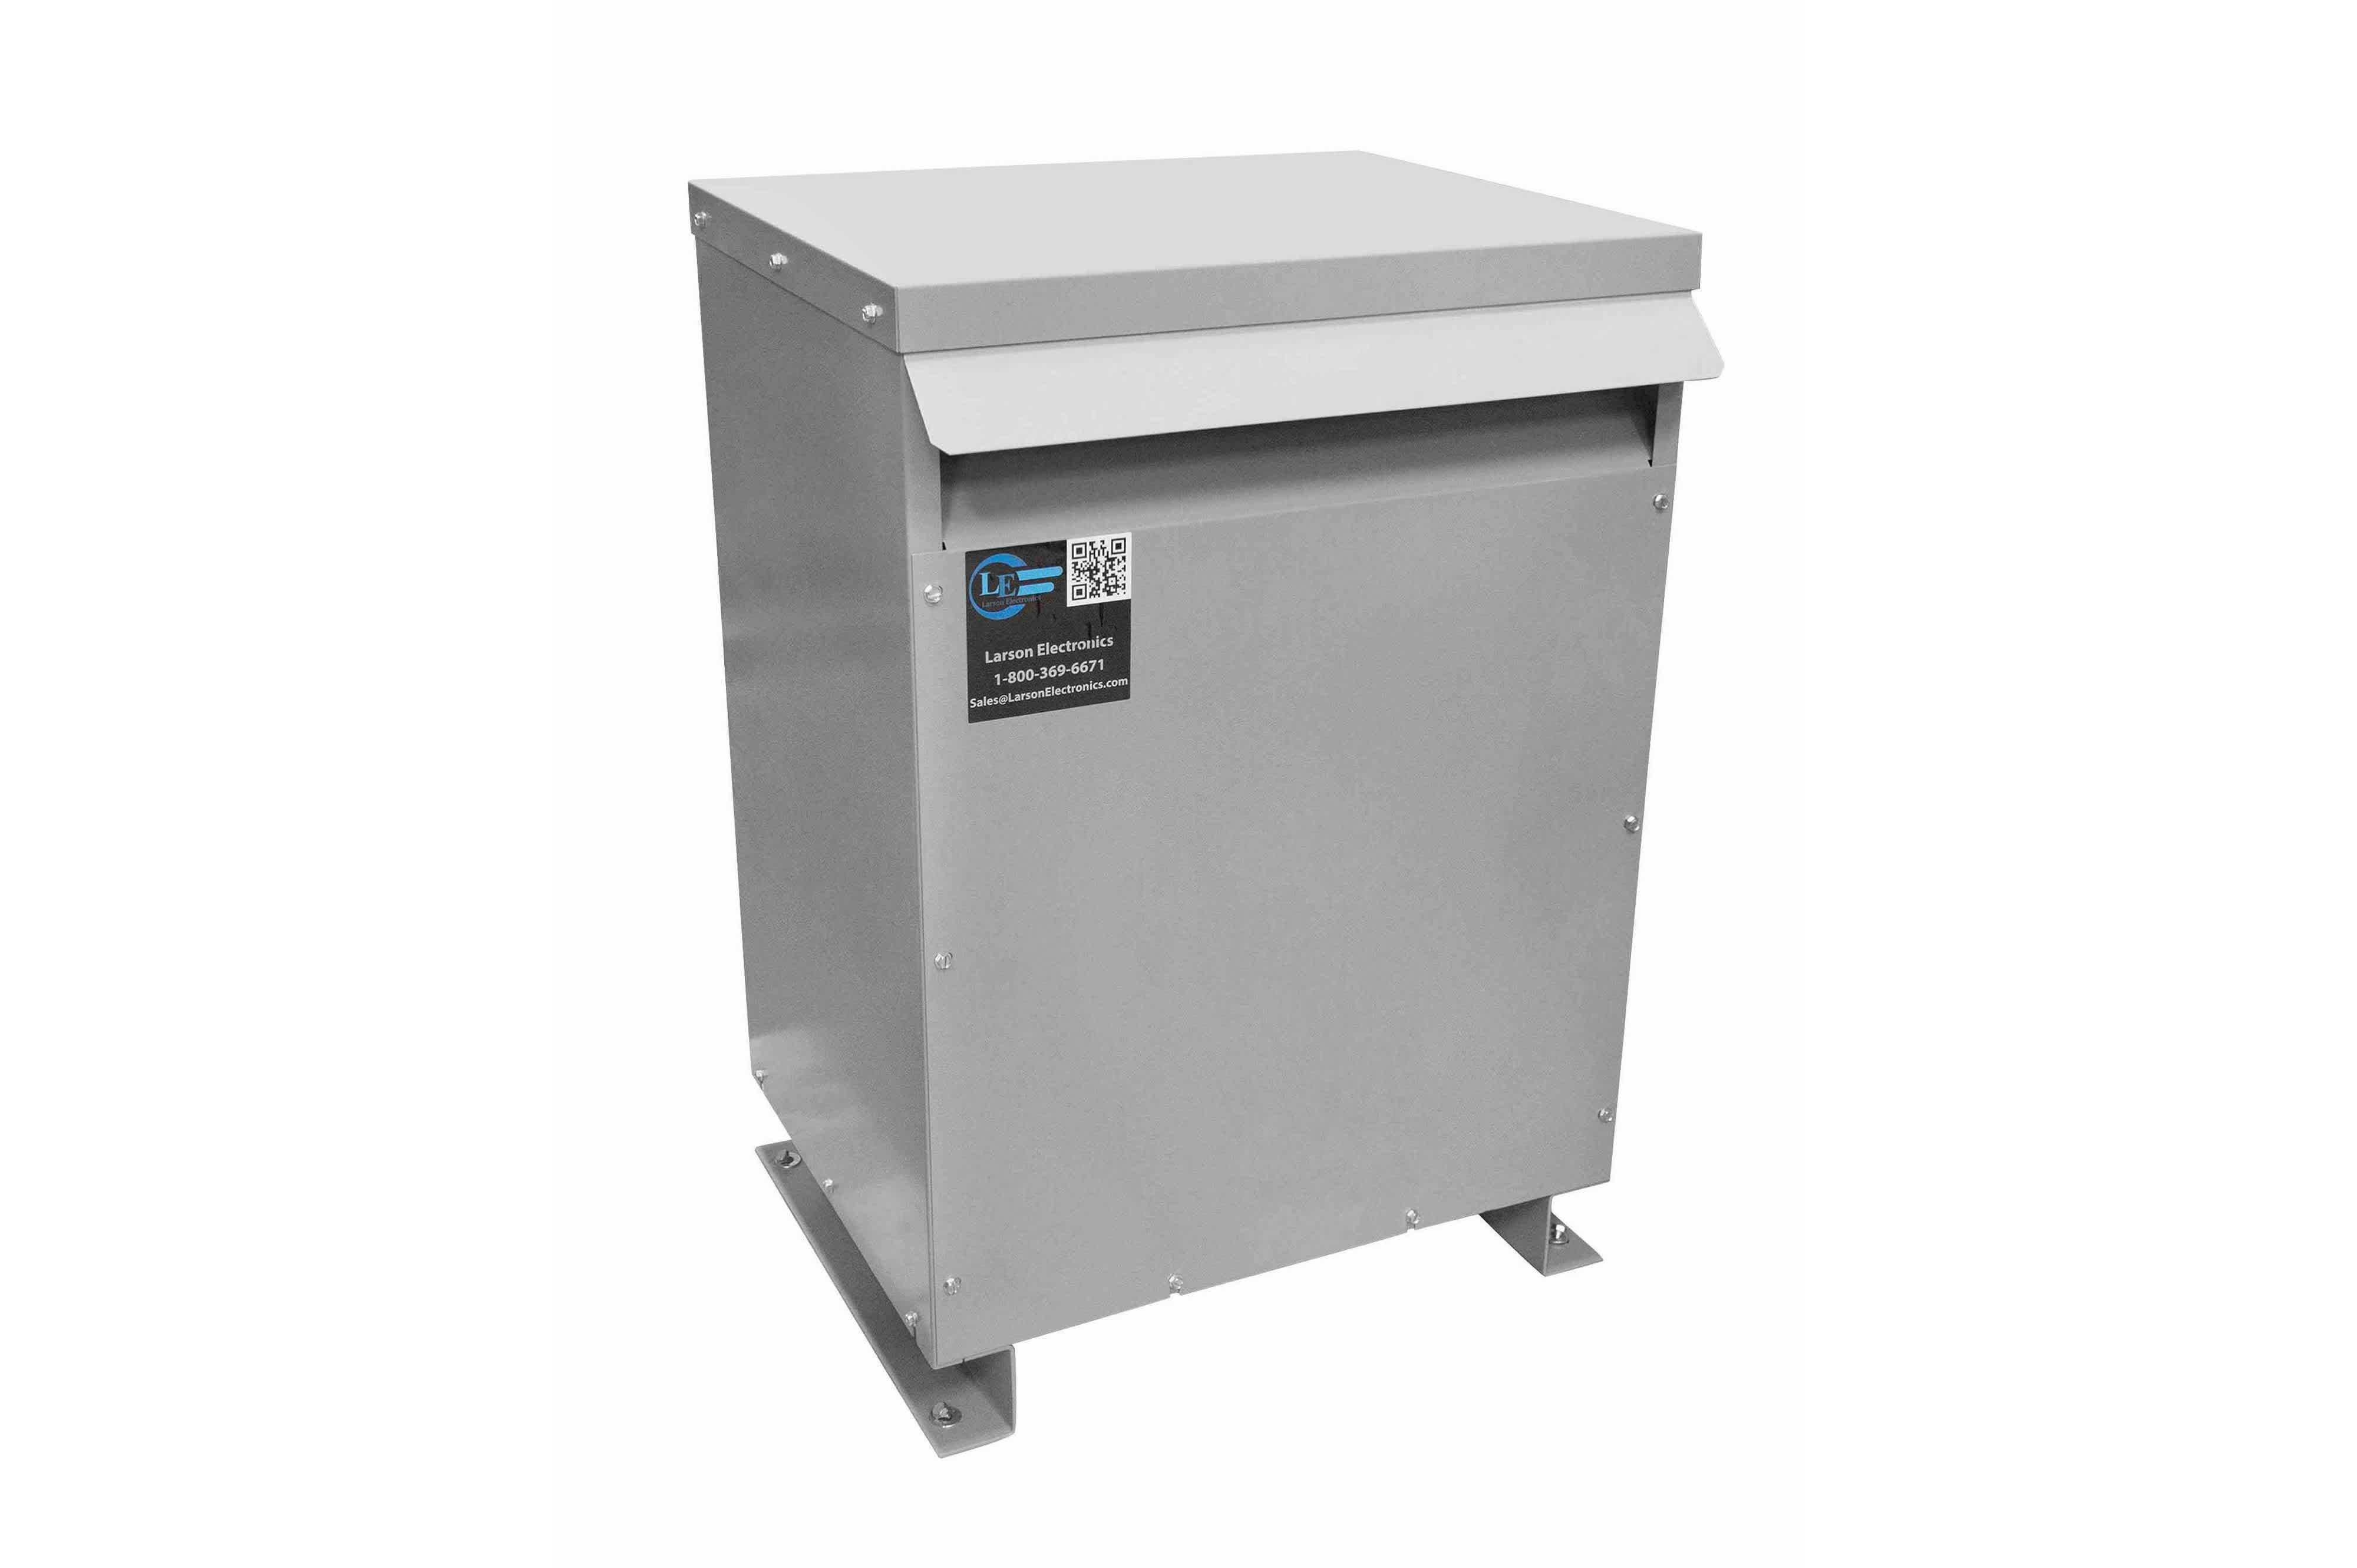 60 kVA 3PH Isolation Transformer, 380V Delta Primary, 208V Delta Secondary, N3R, Ventilated, 60 Hz